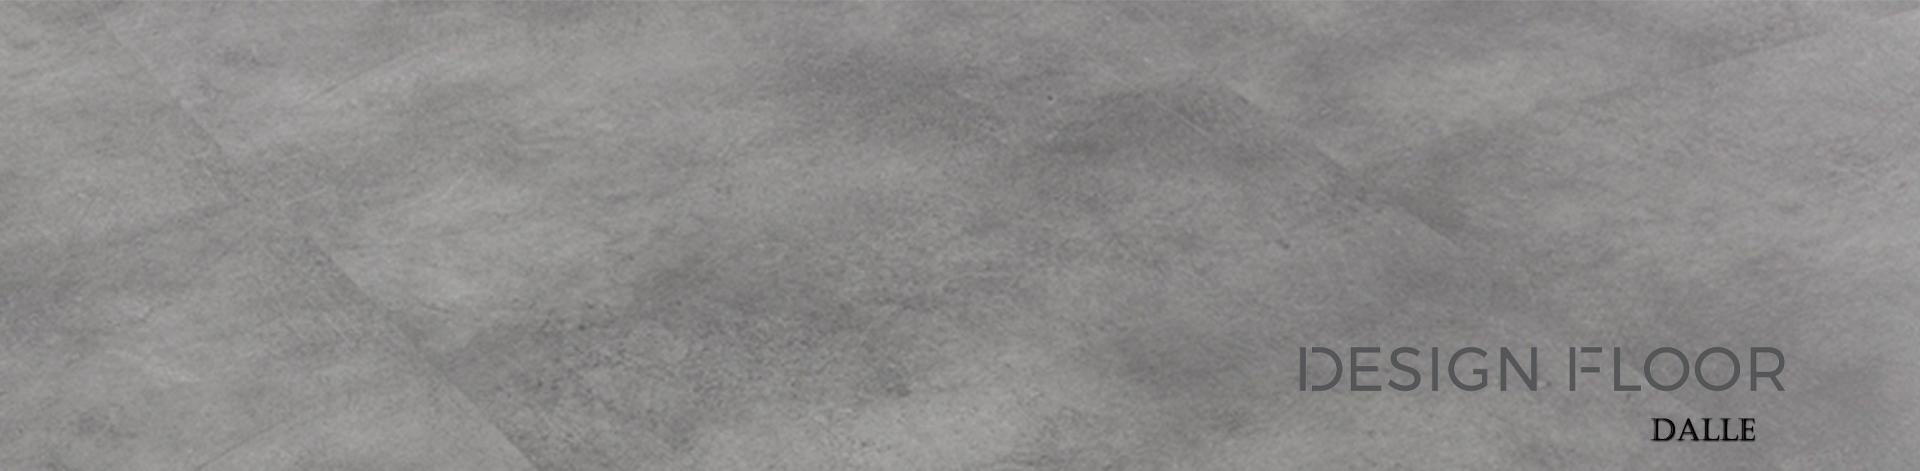 design-floor-dalle